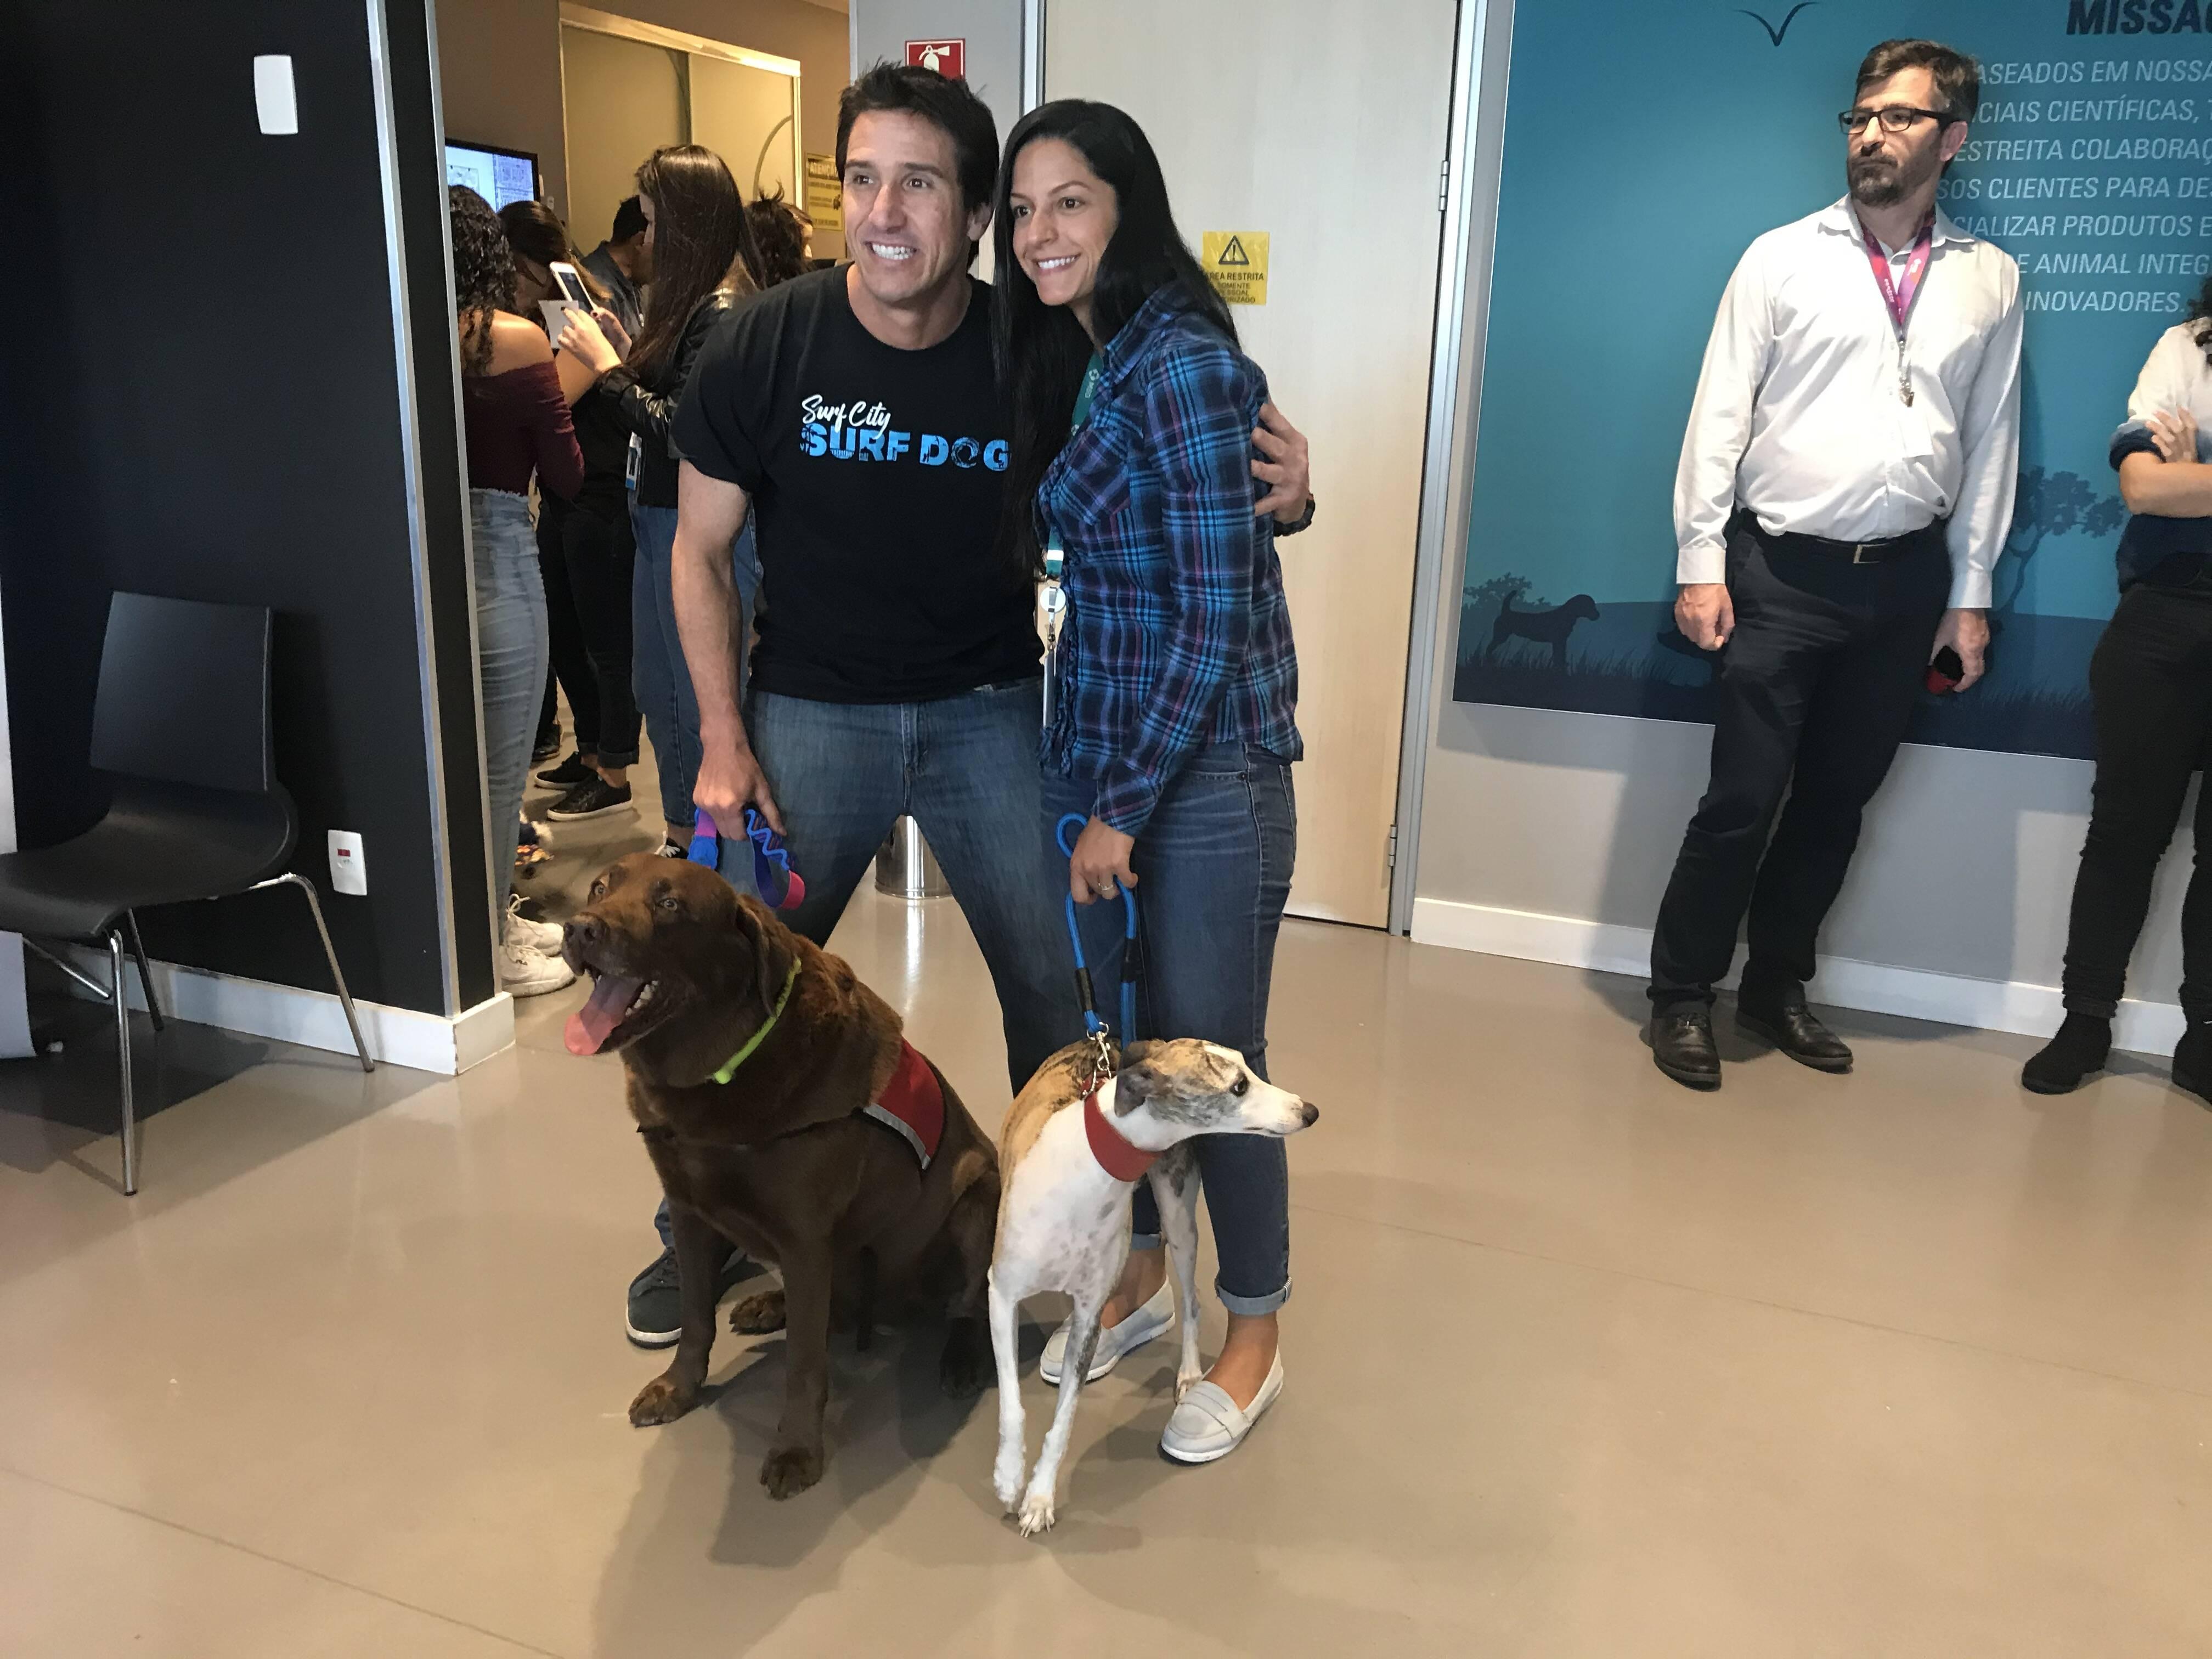 Ivan Moreira e o cão Bono posam ao lado de colaboradores da MSD - Foto Edson Franco